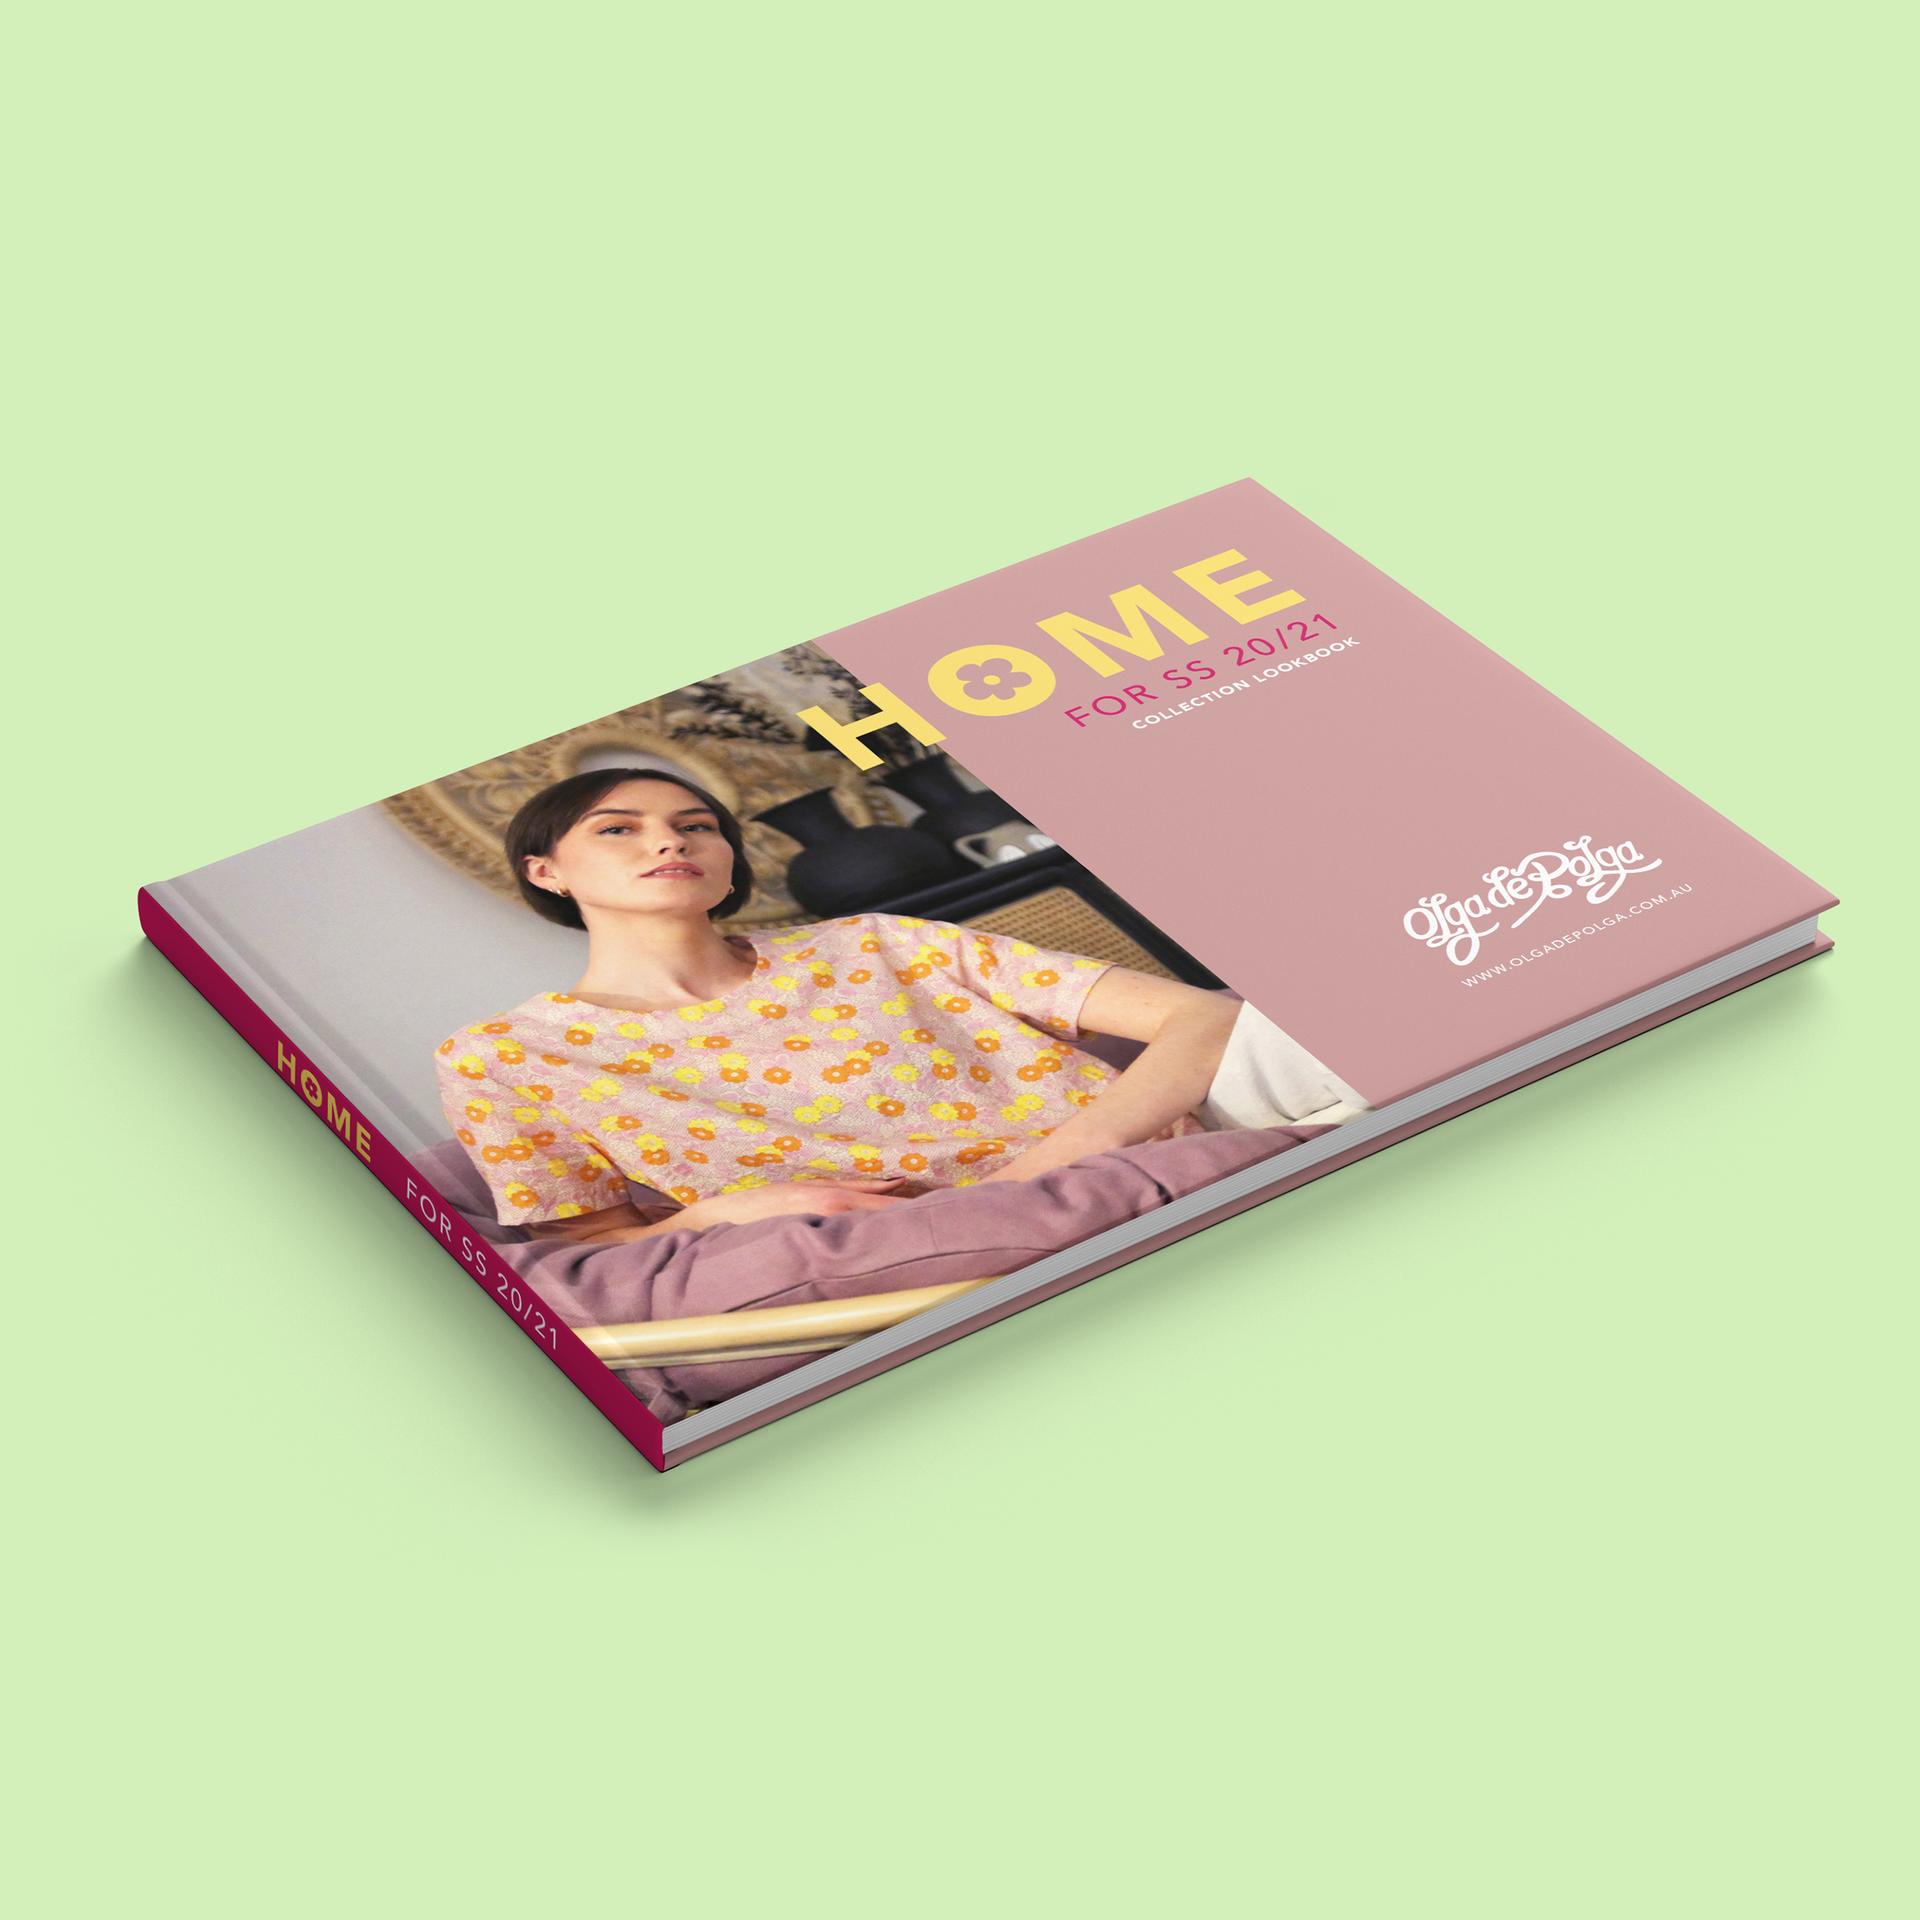 40 Page Lookbook Design for Fashion Brand Olga de Polga